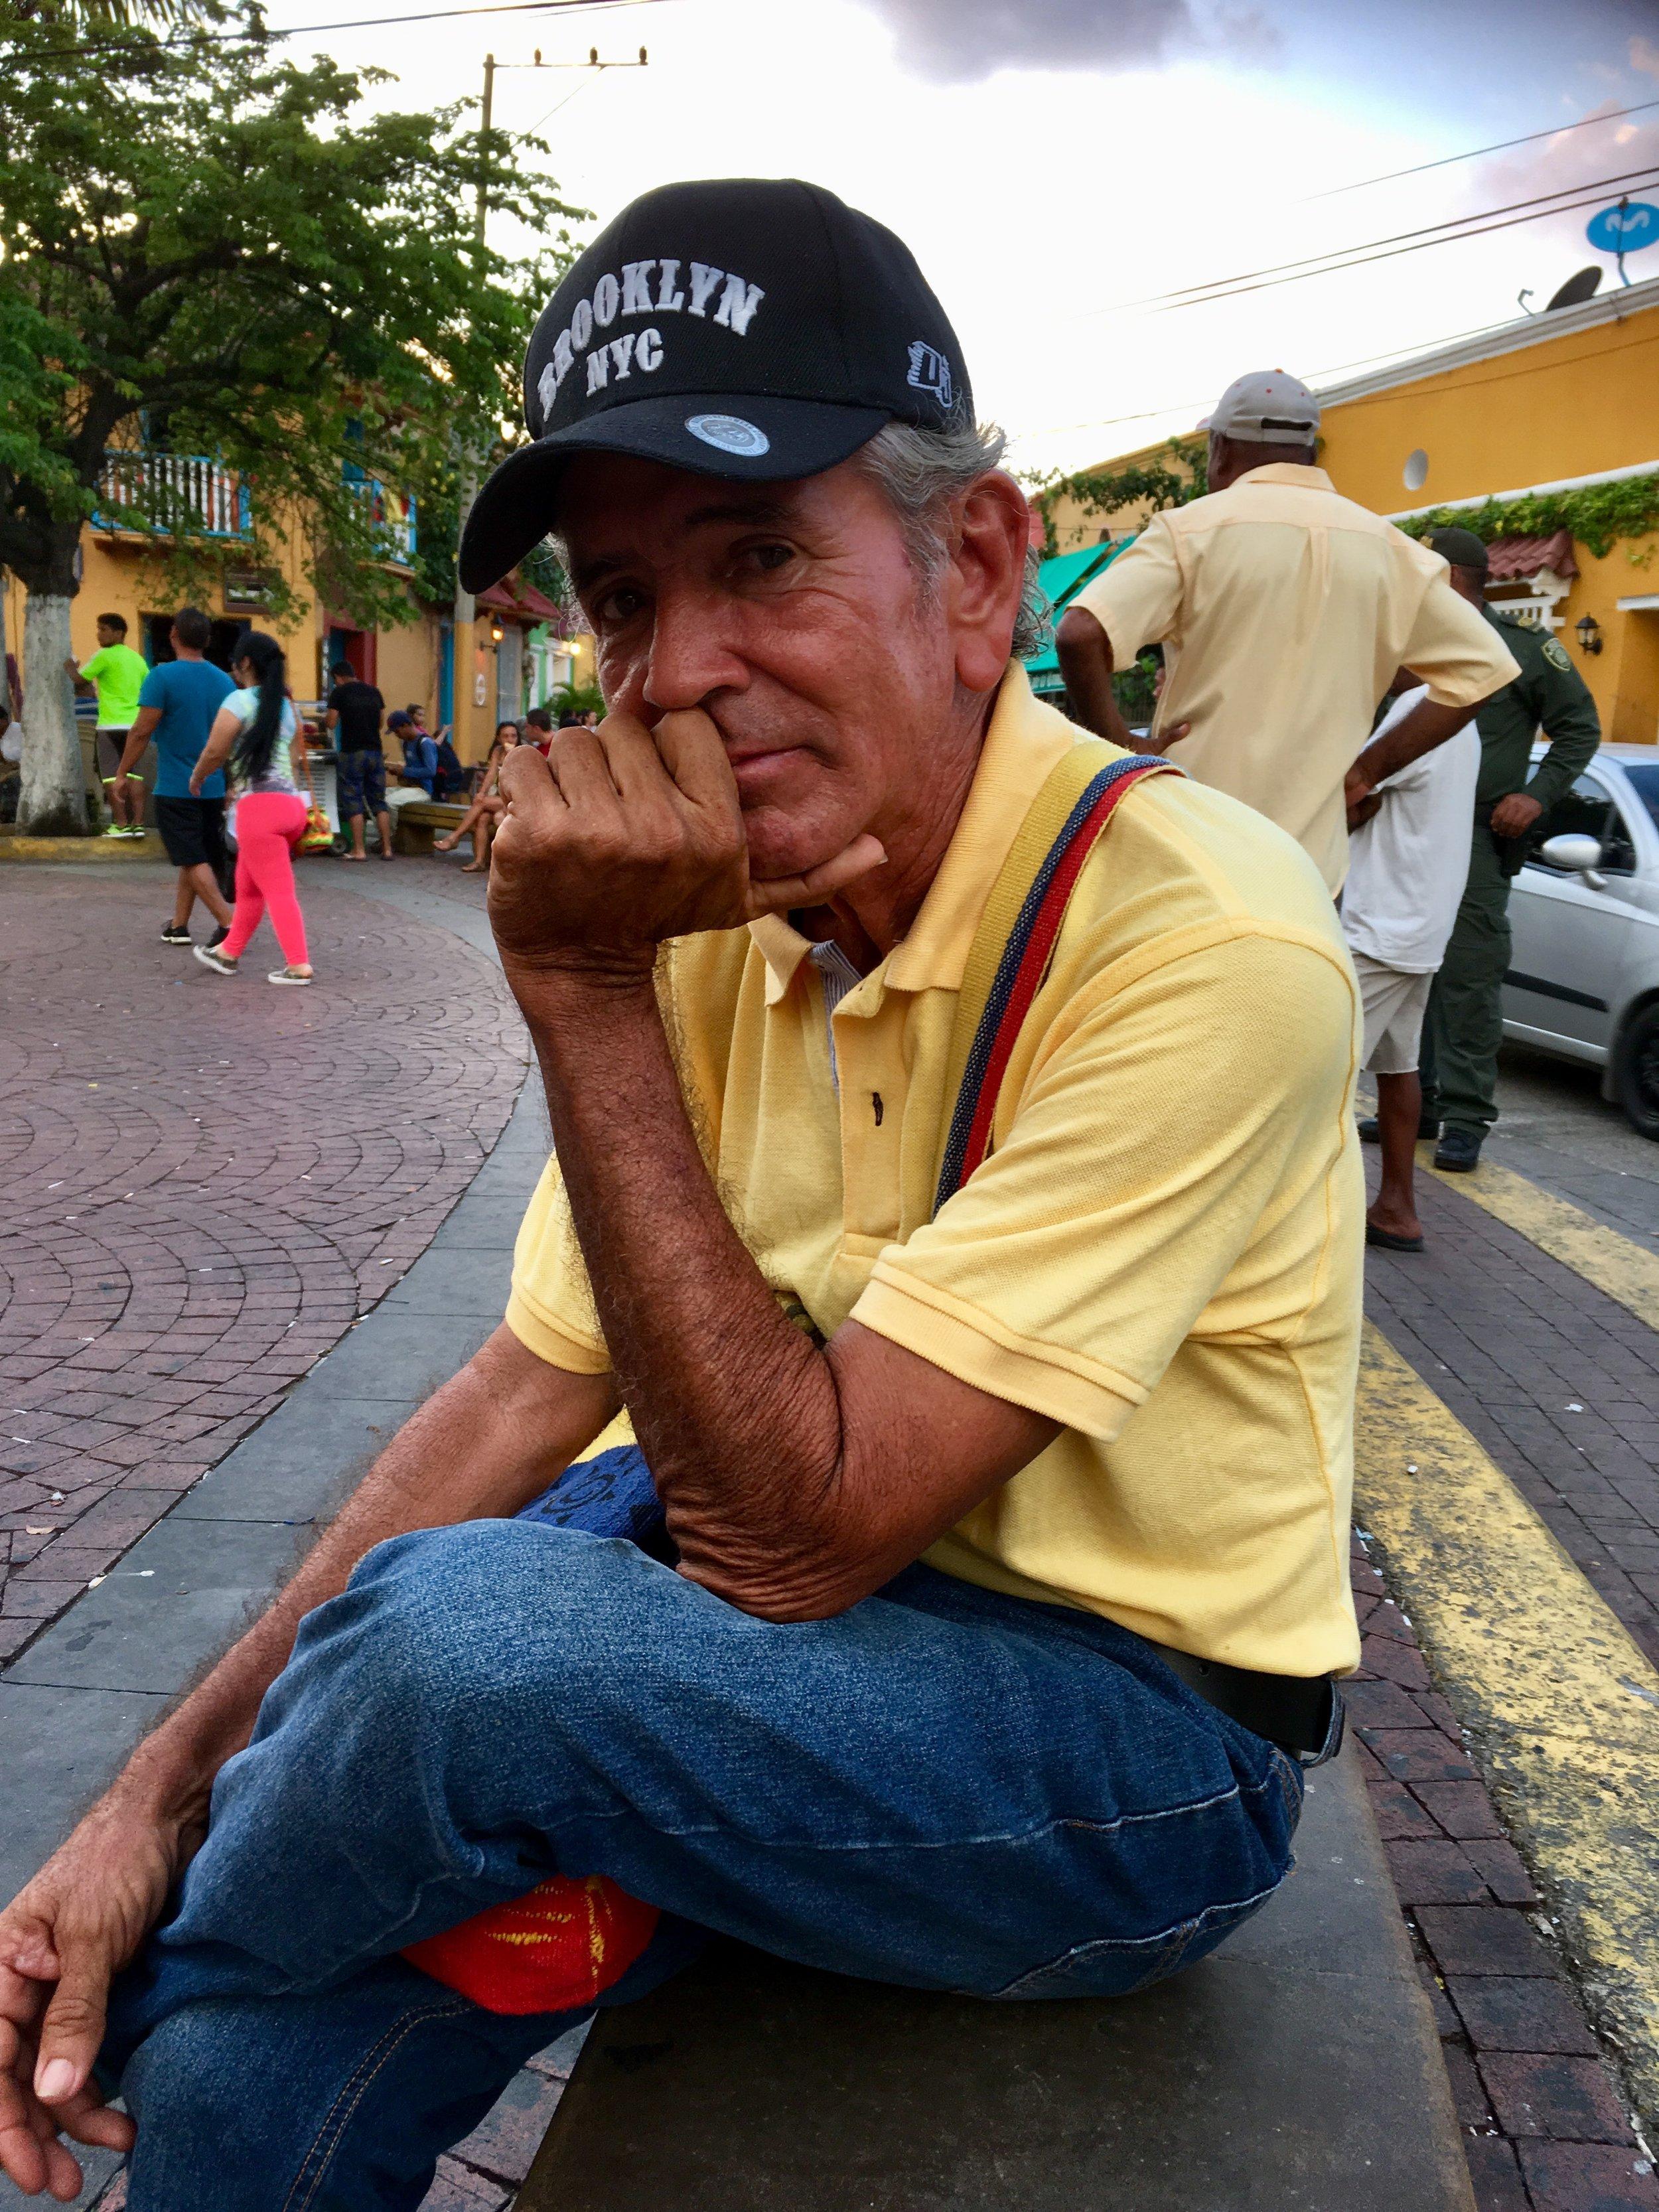 """""""In Colombia hadden we die problemen vroeger ook, daarom vertrok ik naar Venezuela."""" - Alvarez liet voor de tweede keer alles achter om in z'n eentje opnieuw te beginnen. Hij was zelfstandige in de toeristenbranche. Nu verkoopt hij koelkastmagneetjes en wacht op een vergunning. Hij hoopt hier als gids te kunnen werken."""